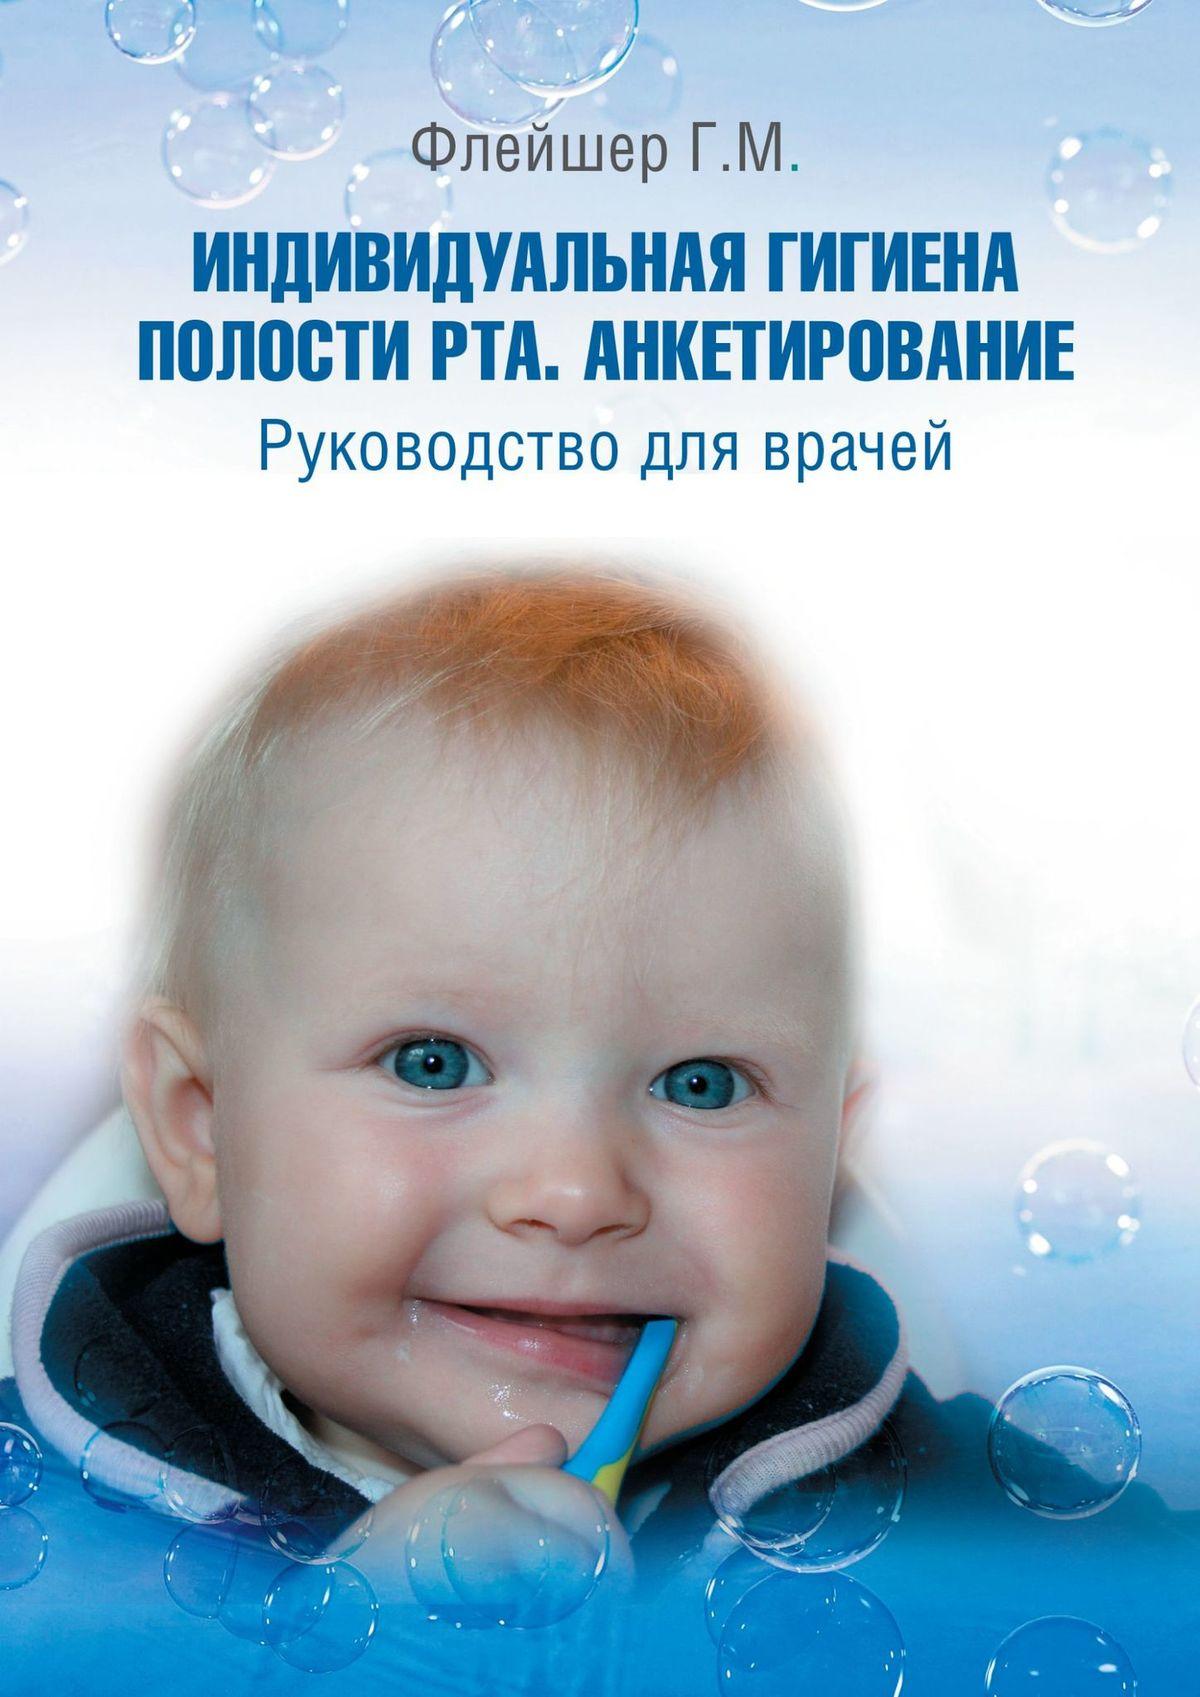 Г. М. Флейшер Индивидуальная гигиена полости рта. Анкетирование. Руководство для врачей